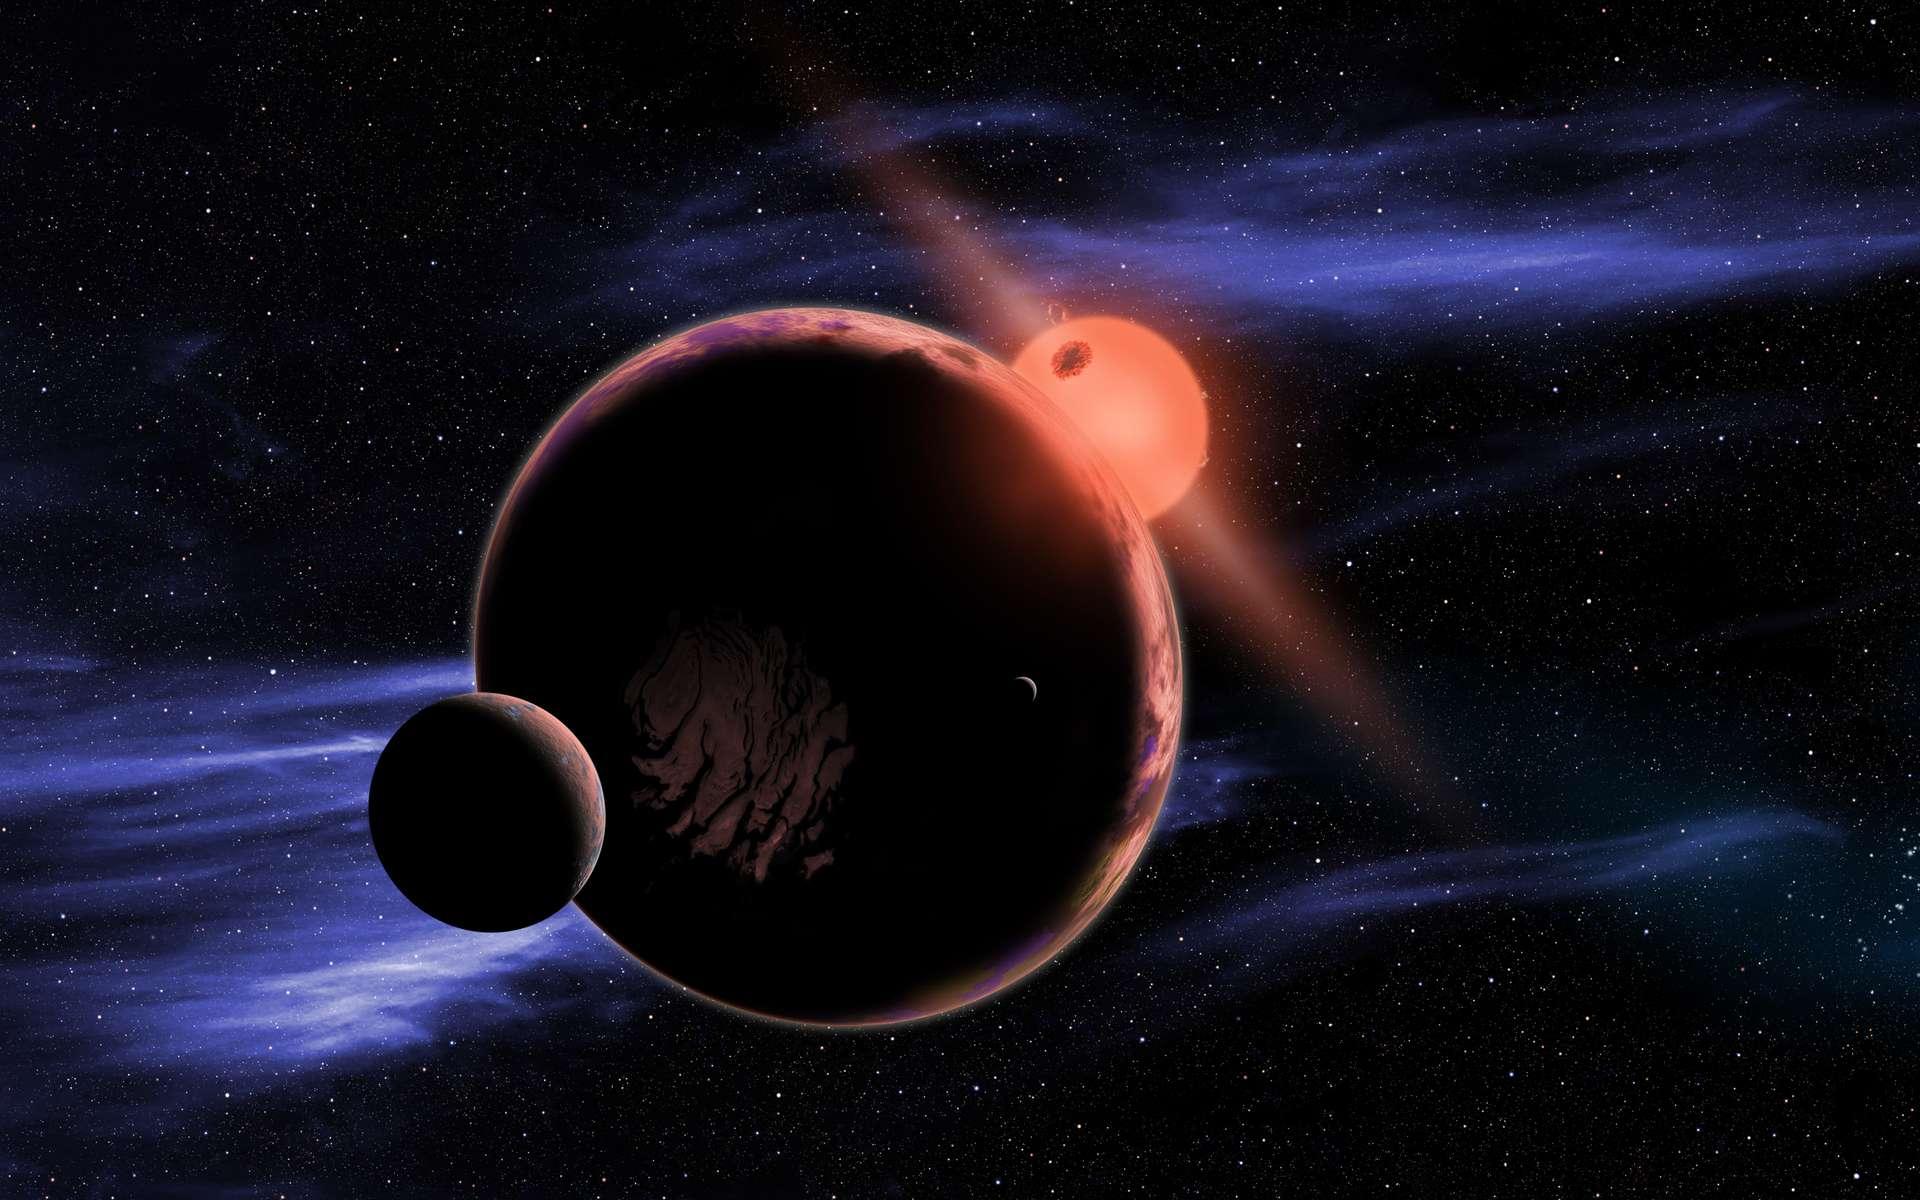 Vue d'artiste d'une exoplanète avec une lune en orbite autour d'une naine rouge. Ces étoiles vivant plus longtemps que notre Soleil, elles pourraient abriter des civilisations âgées de plusieurs milliards d'années déjà. Mais les jeunes naines rouges sont souvent colériques, ce qui rend un peu problématique l'estimation des chances de développement d'une vie complexe sur une exoterre en orbite autour d'une telle étoile. © David A. Aguilar, CfA